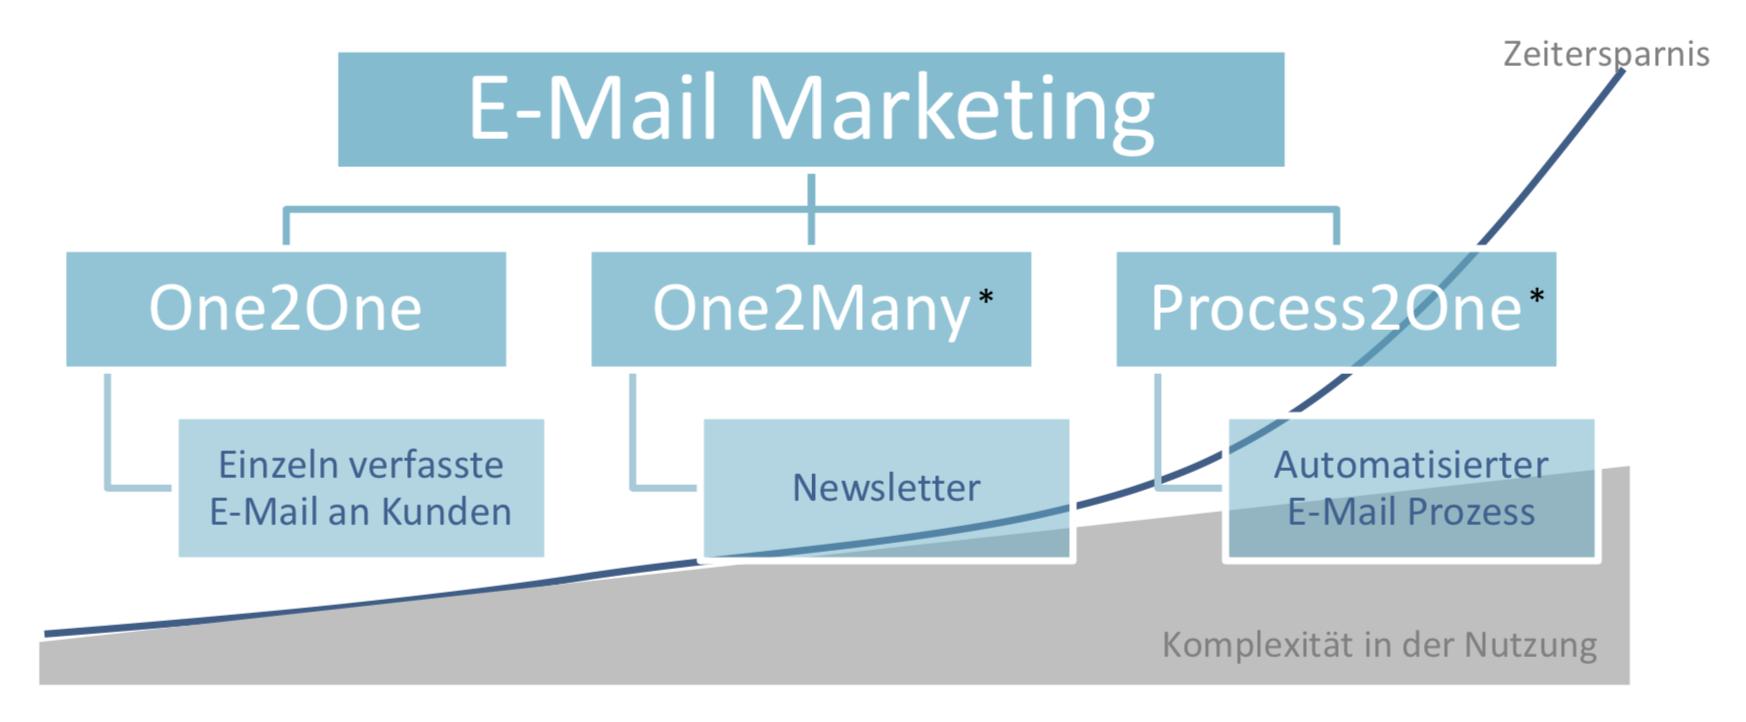 E-Mail Marketing Formen und Ausprägungen